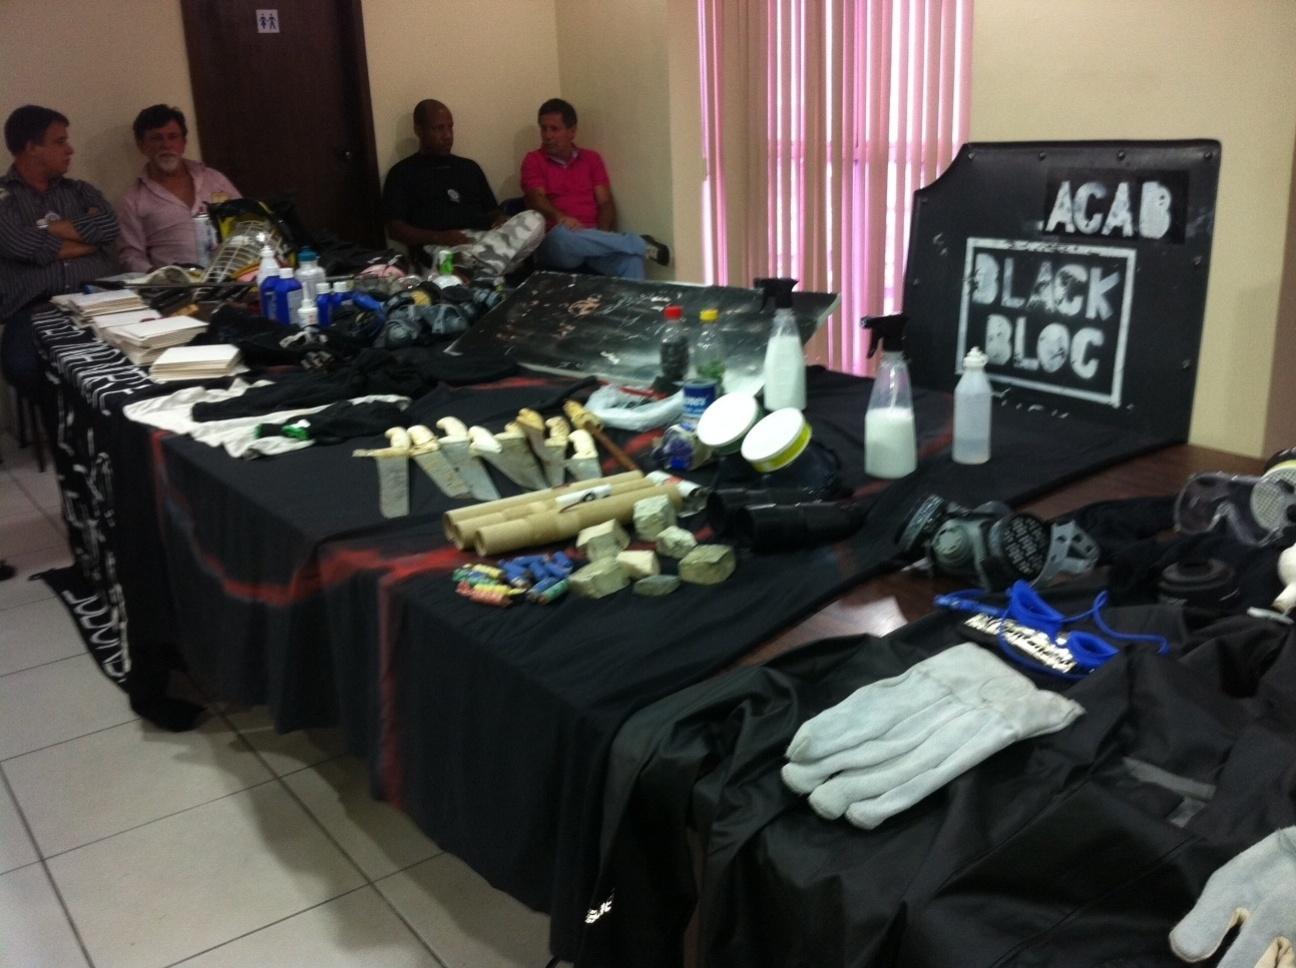 16.out.2013 - A Polícia Civil do Rio de Janeiro apresentou nesta quarta-feira (16) os materiais apreendidos durante os confrontos ocorridos entre policiais e Black Blocs após o protesto dos professores, na região central do Rio, nessa terça (15)